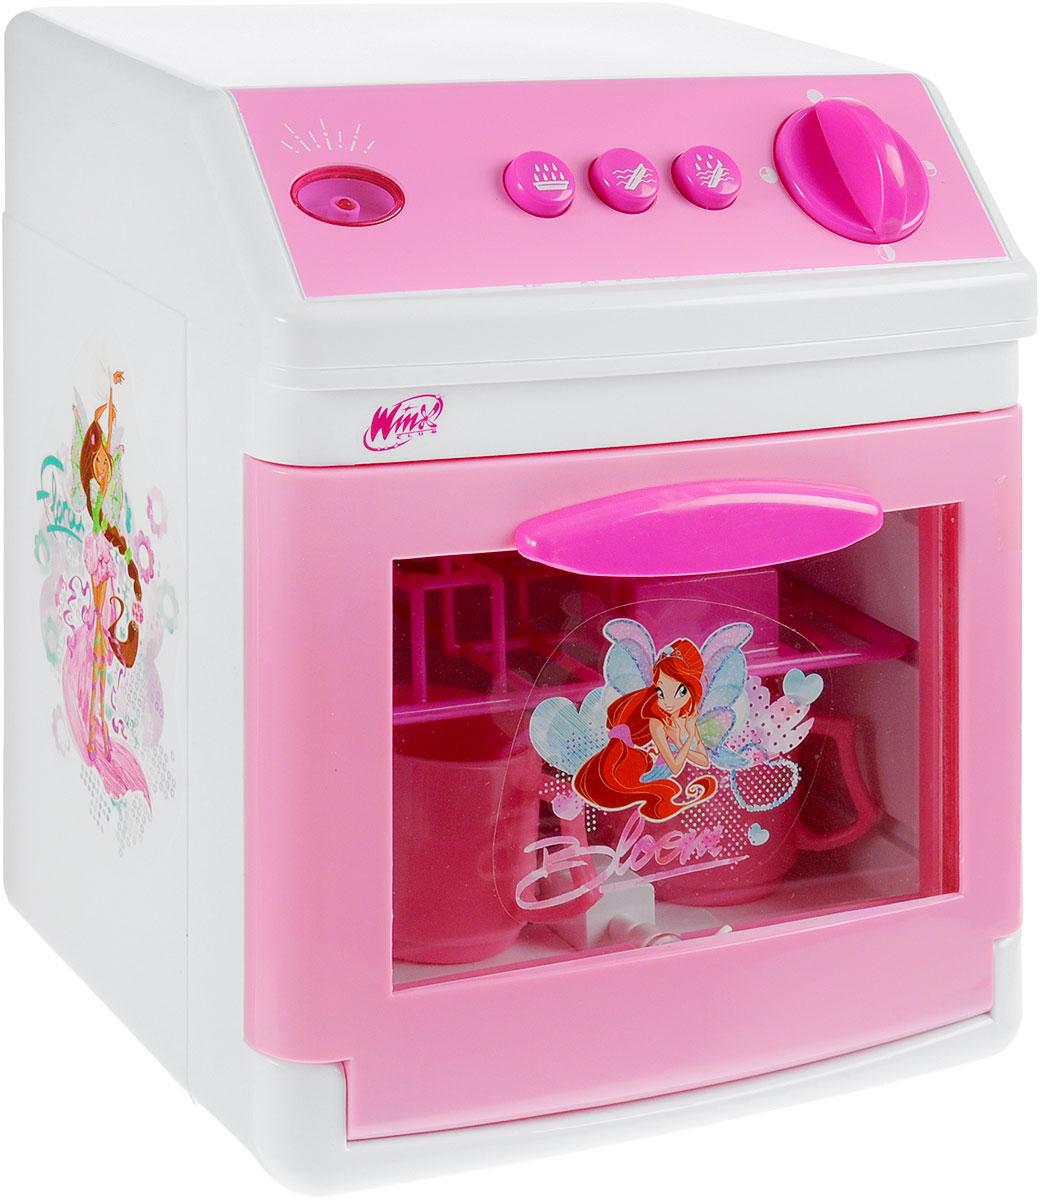 Играем вместе Игрушечная посудомоечная машина Winx Club игровая техника играем вместе посудомоечная машина winx